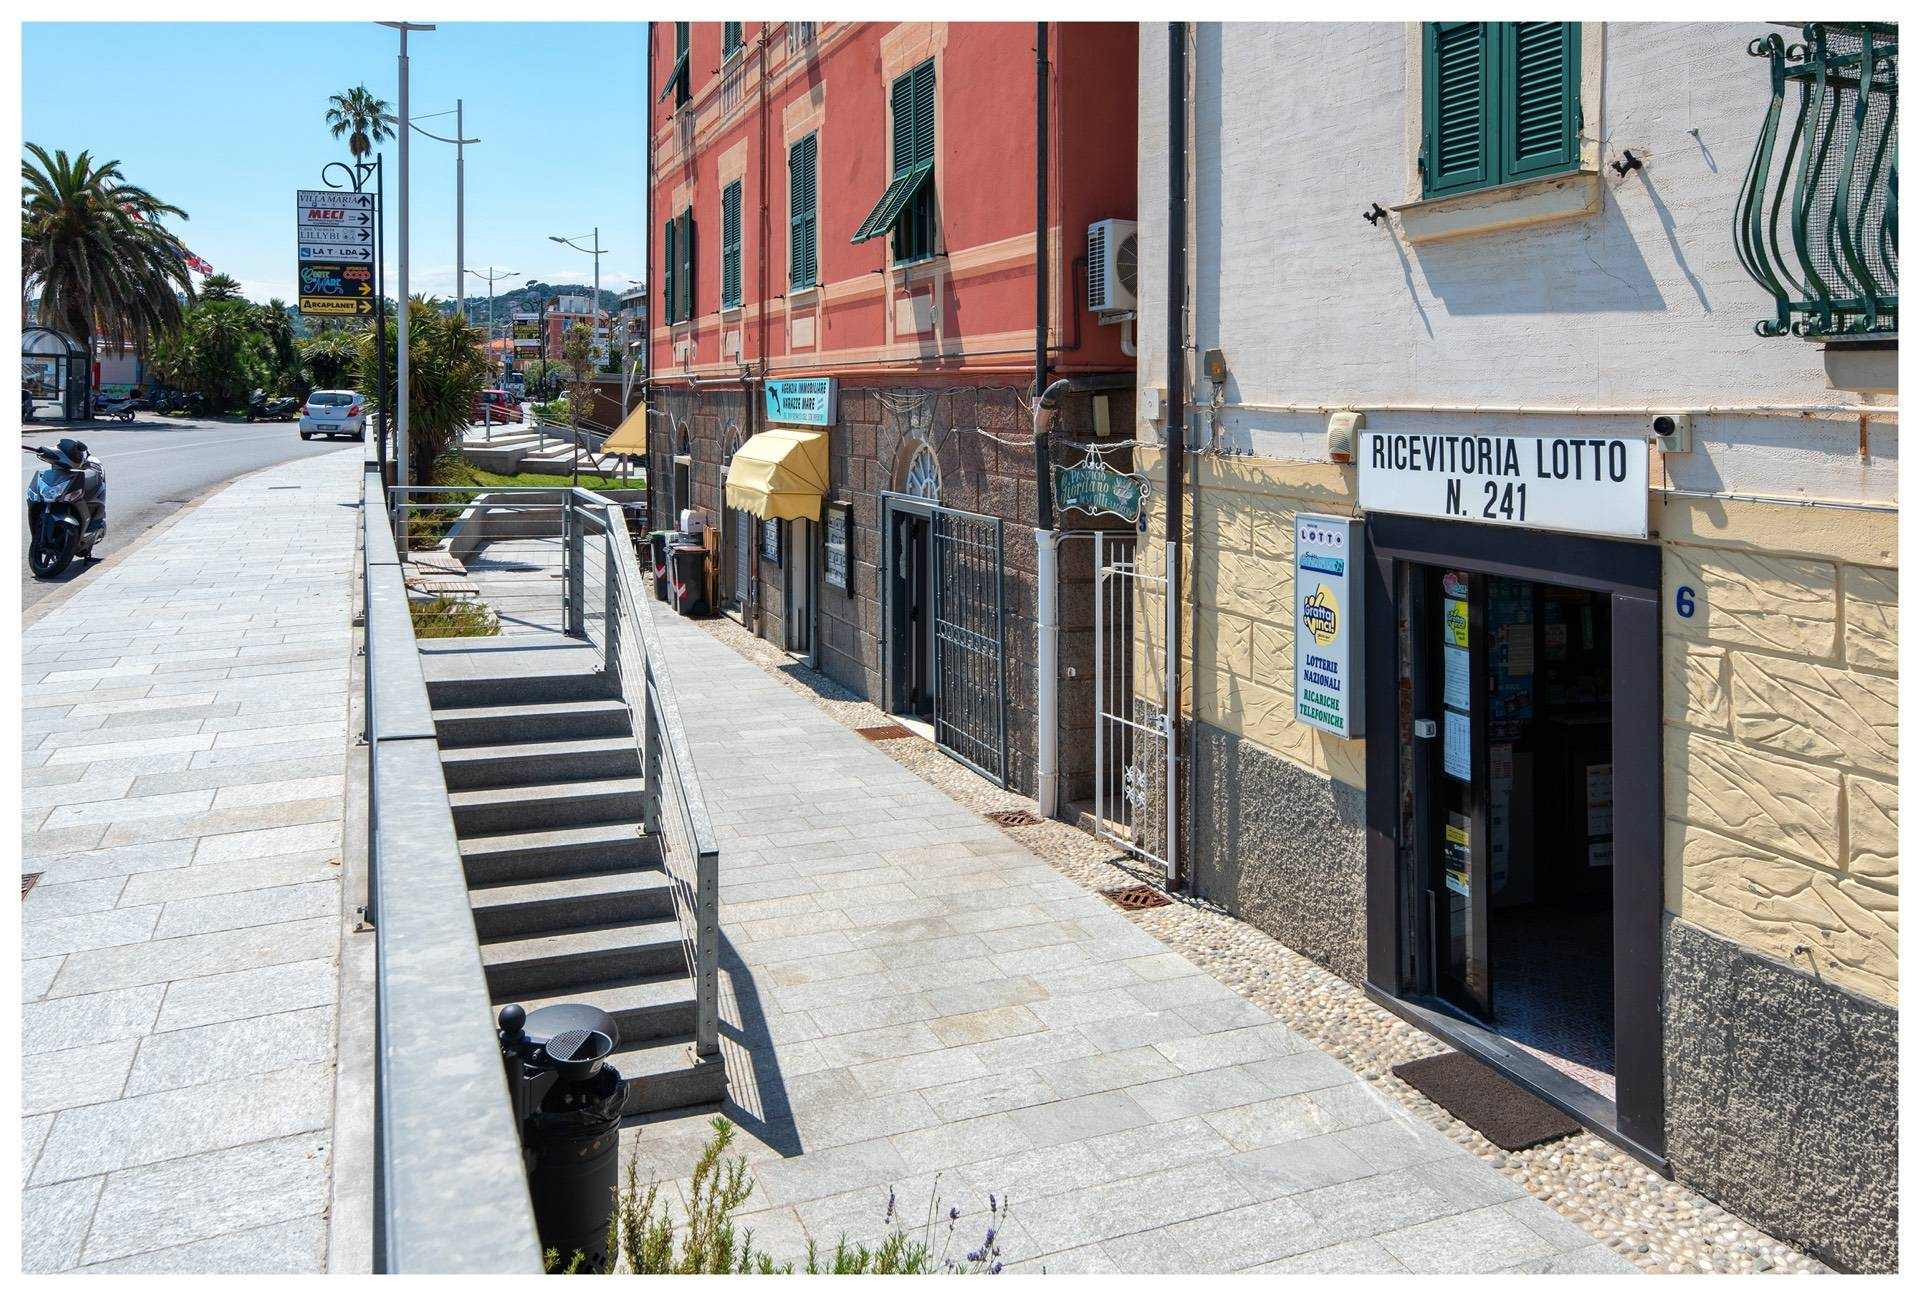 Negozio / Locale in affitto a Varazze, 9999 locali, zona Località: Varazze, prezzo € 750 | PortaleAgenzieImmobiliari.it